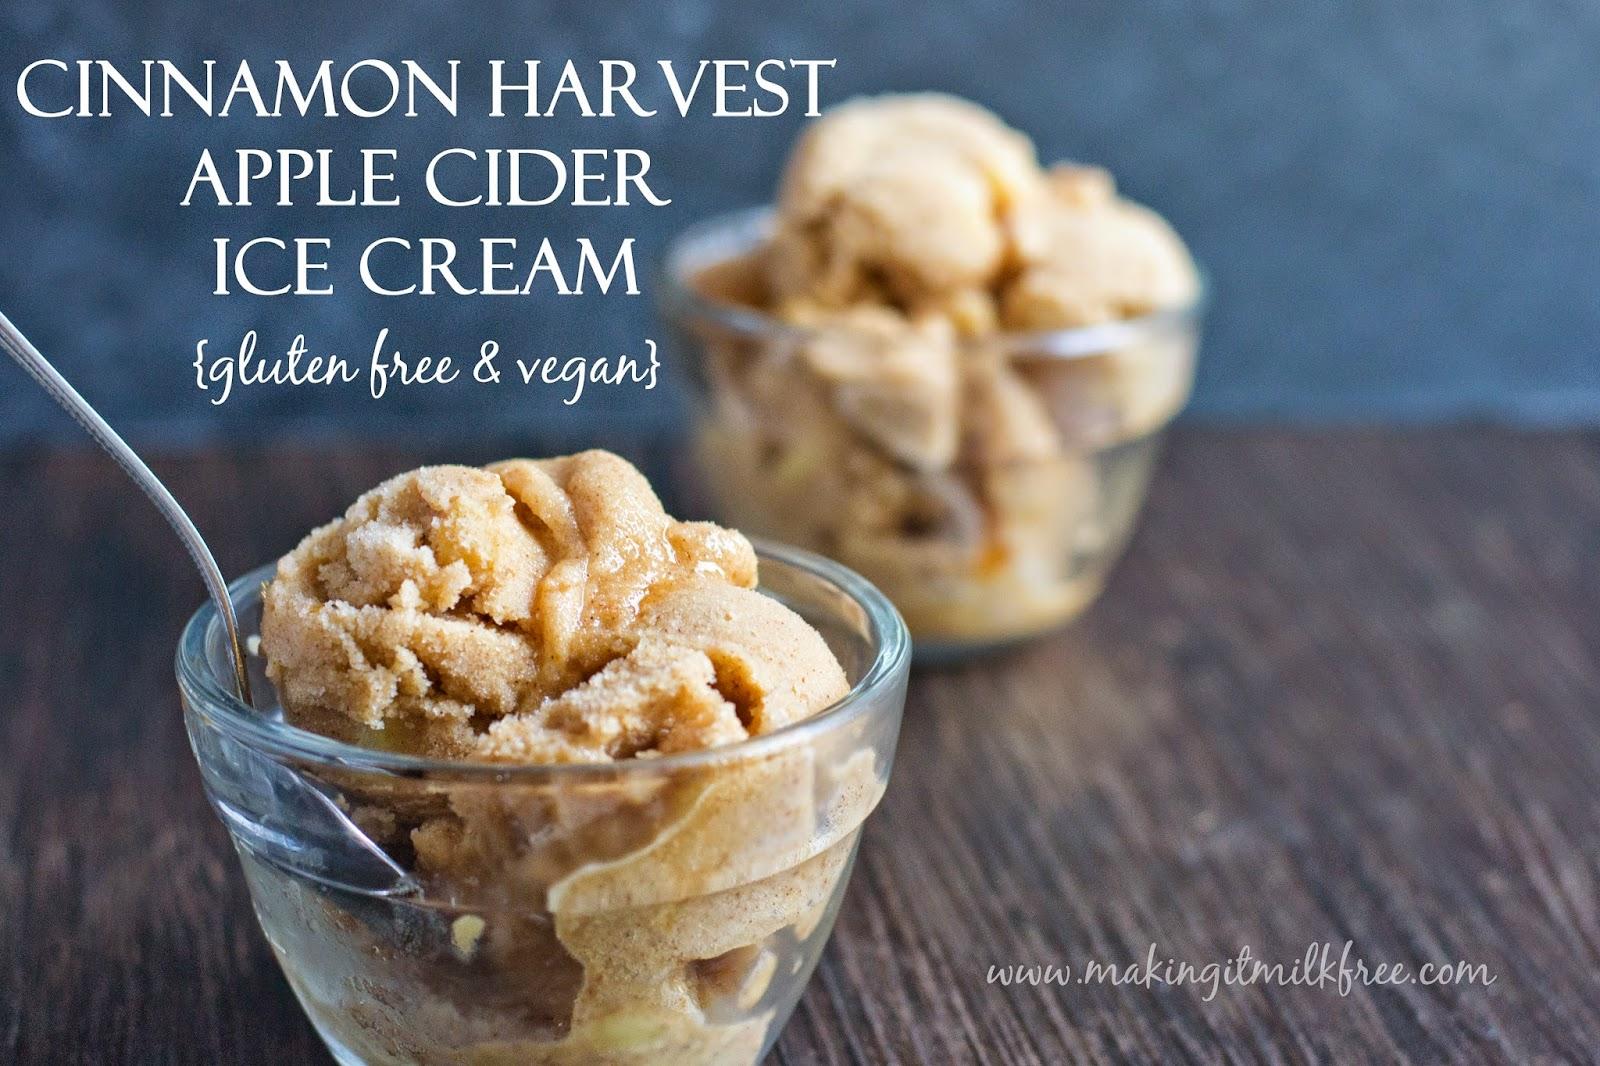 #vegan #glutenfree #fallrecipes #icecream #applecider